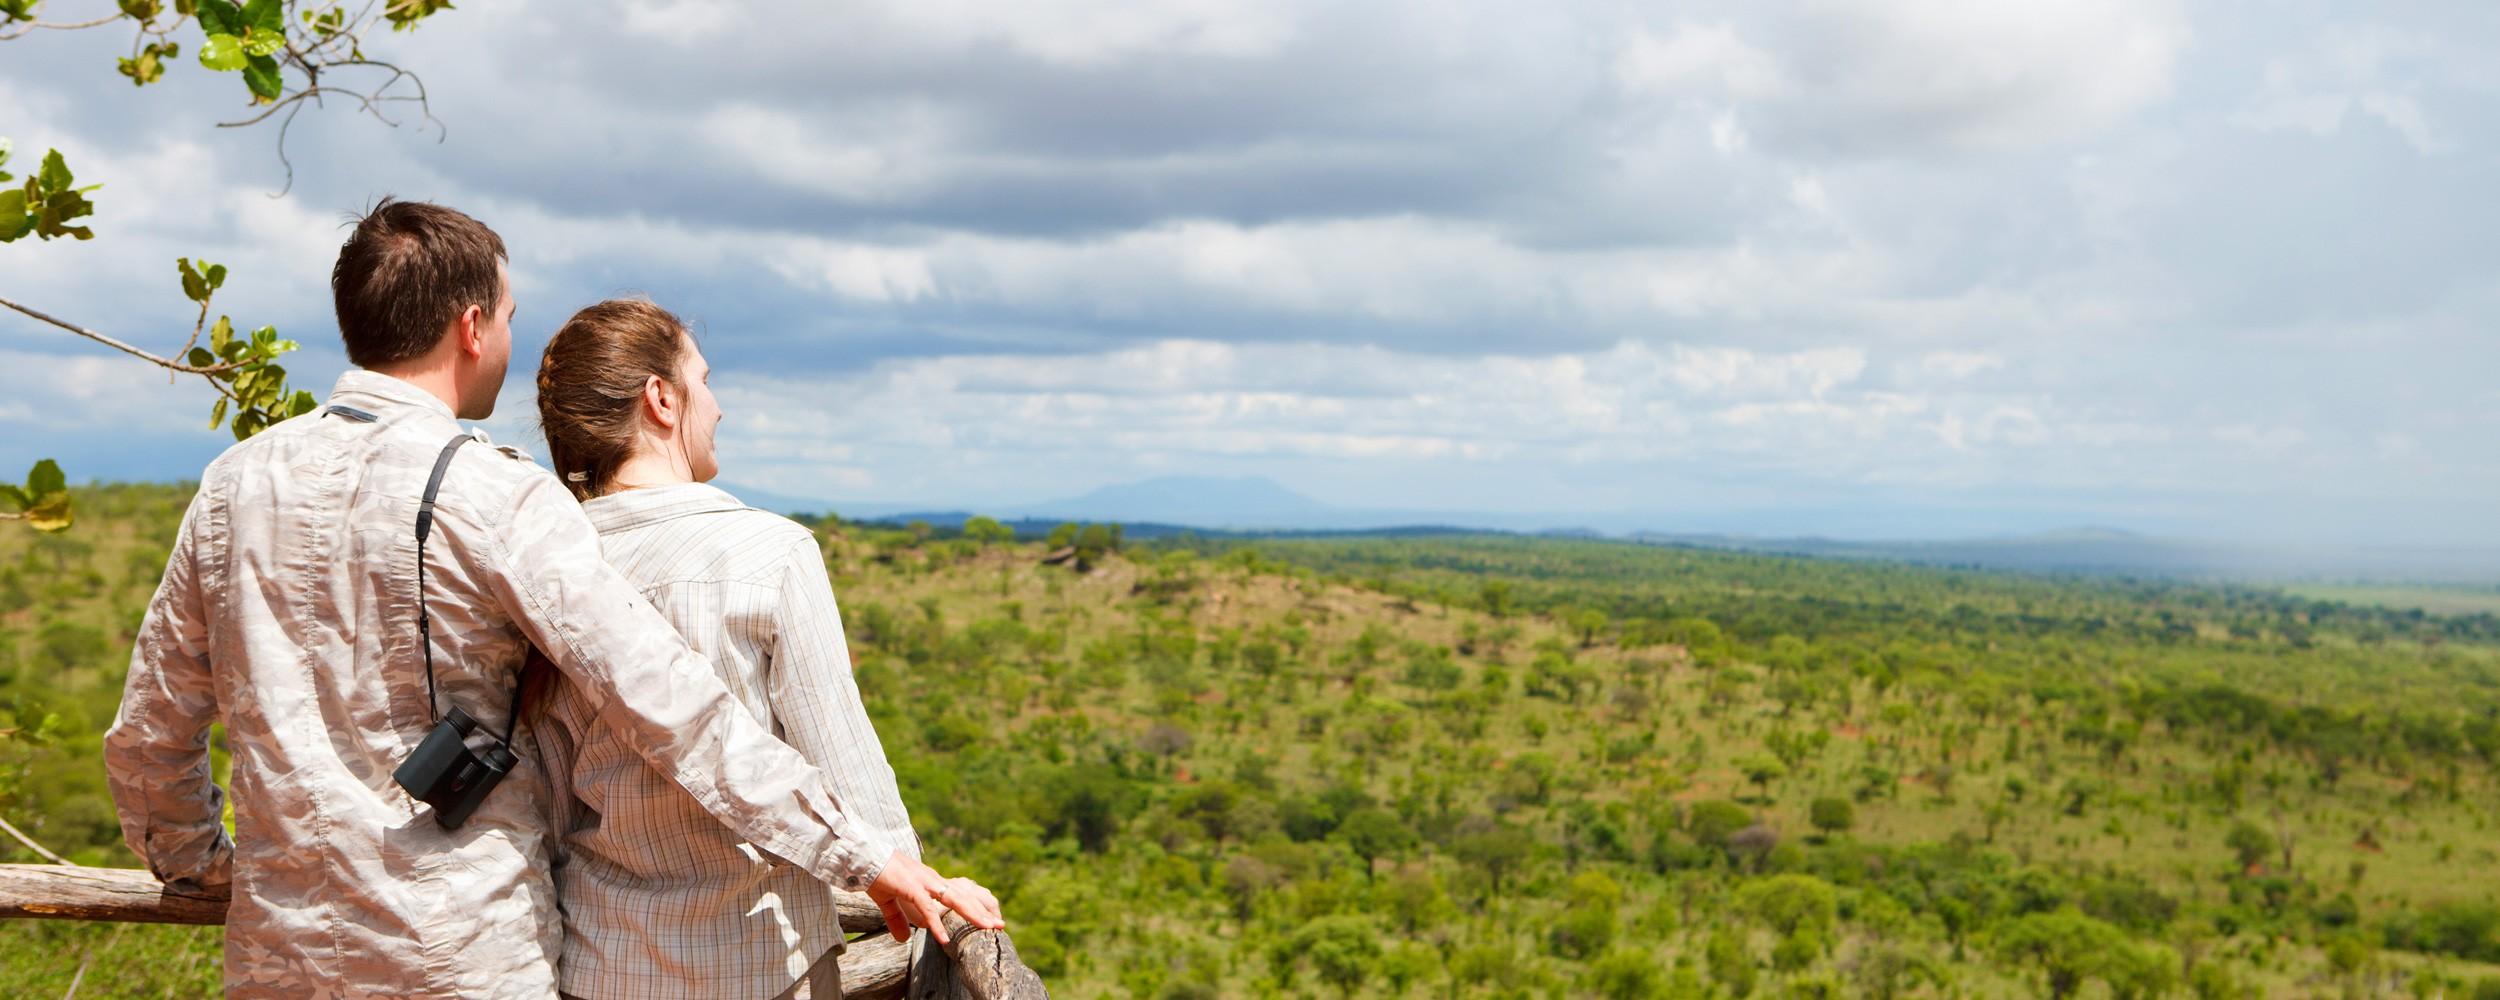 Voyage de Noce Safari Tanzanie